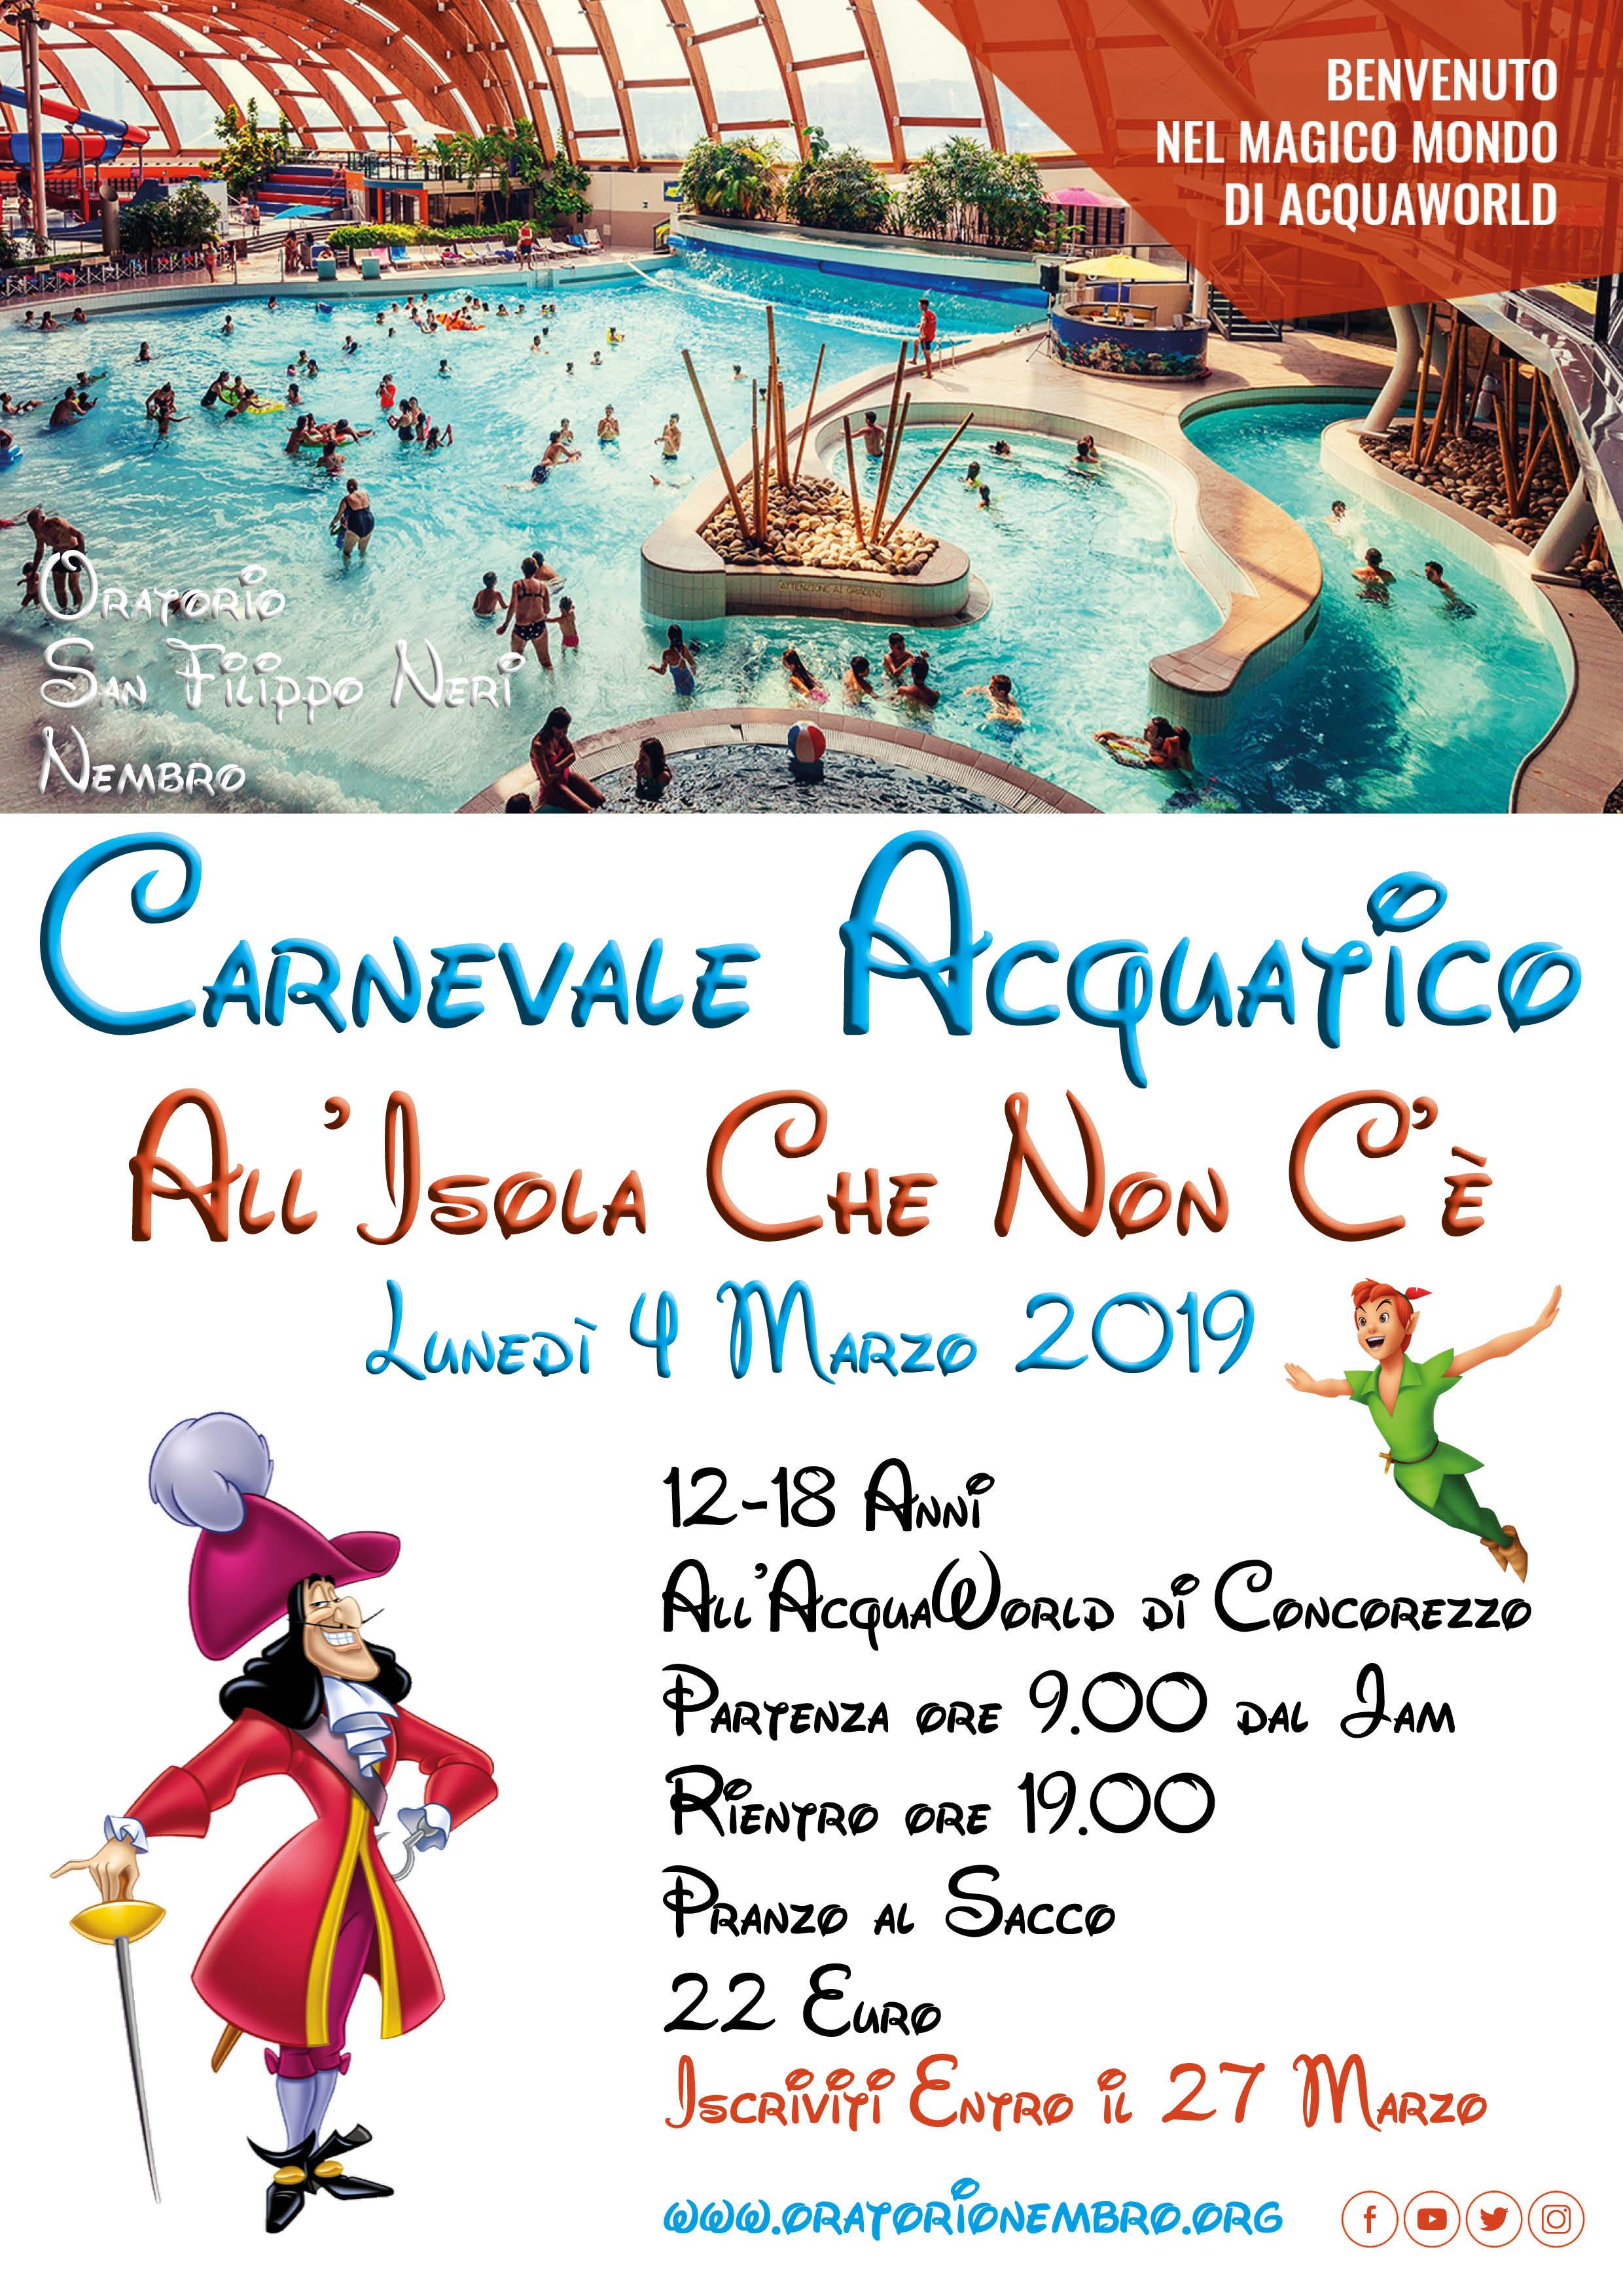 Carnevale Acquatico 2019